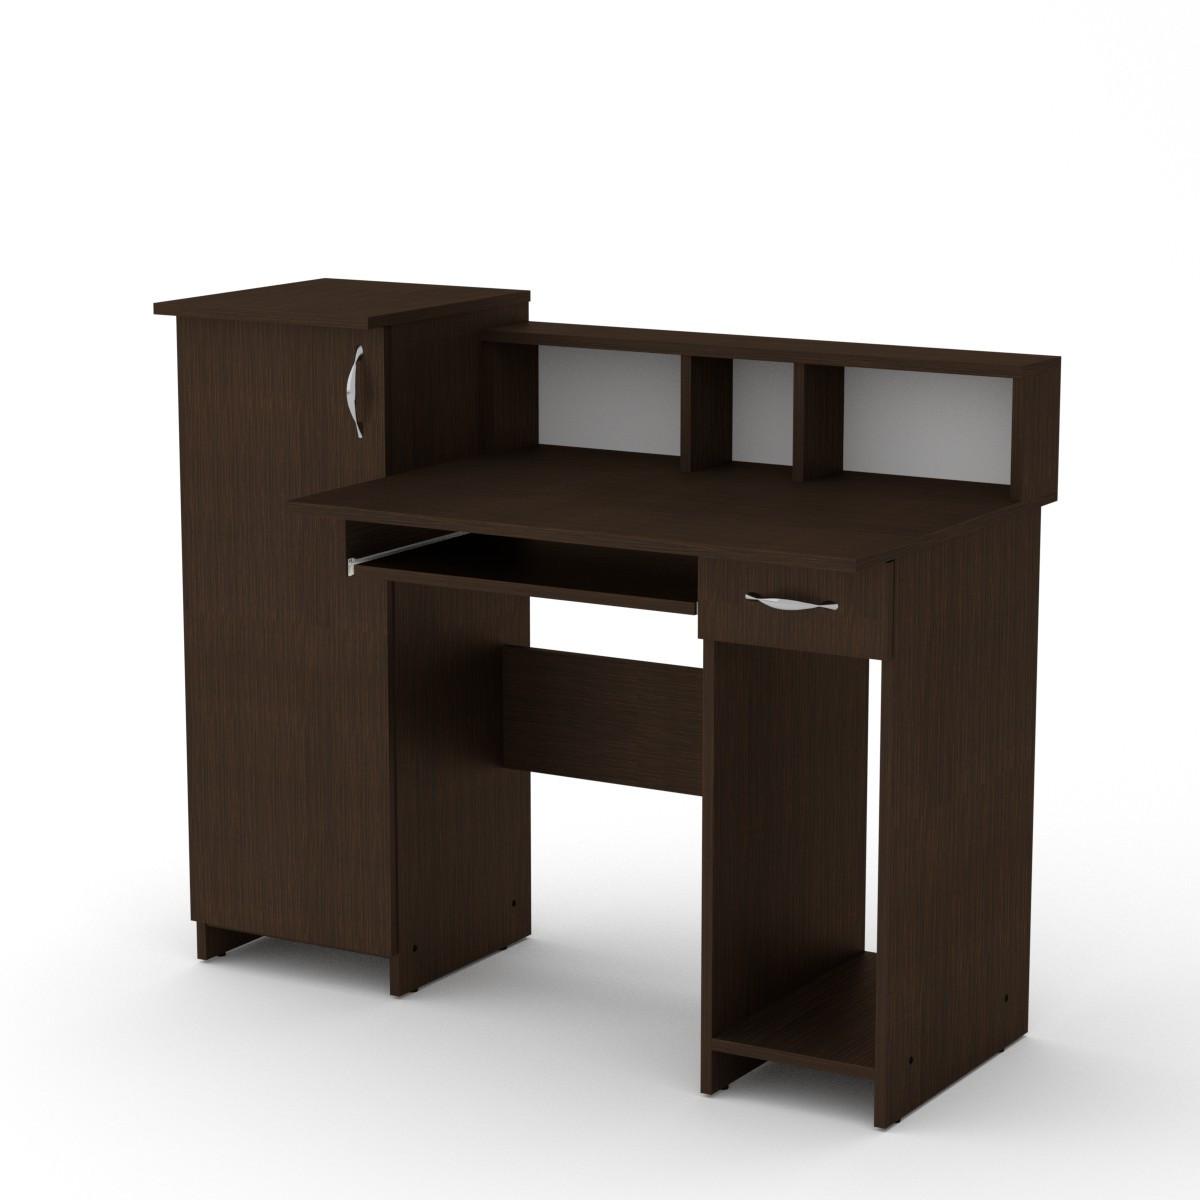 Стол компьютерный пи пи-2 венге темный Компанит (118х60х96 см)